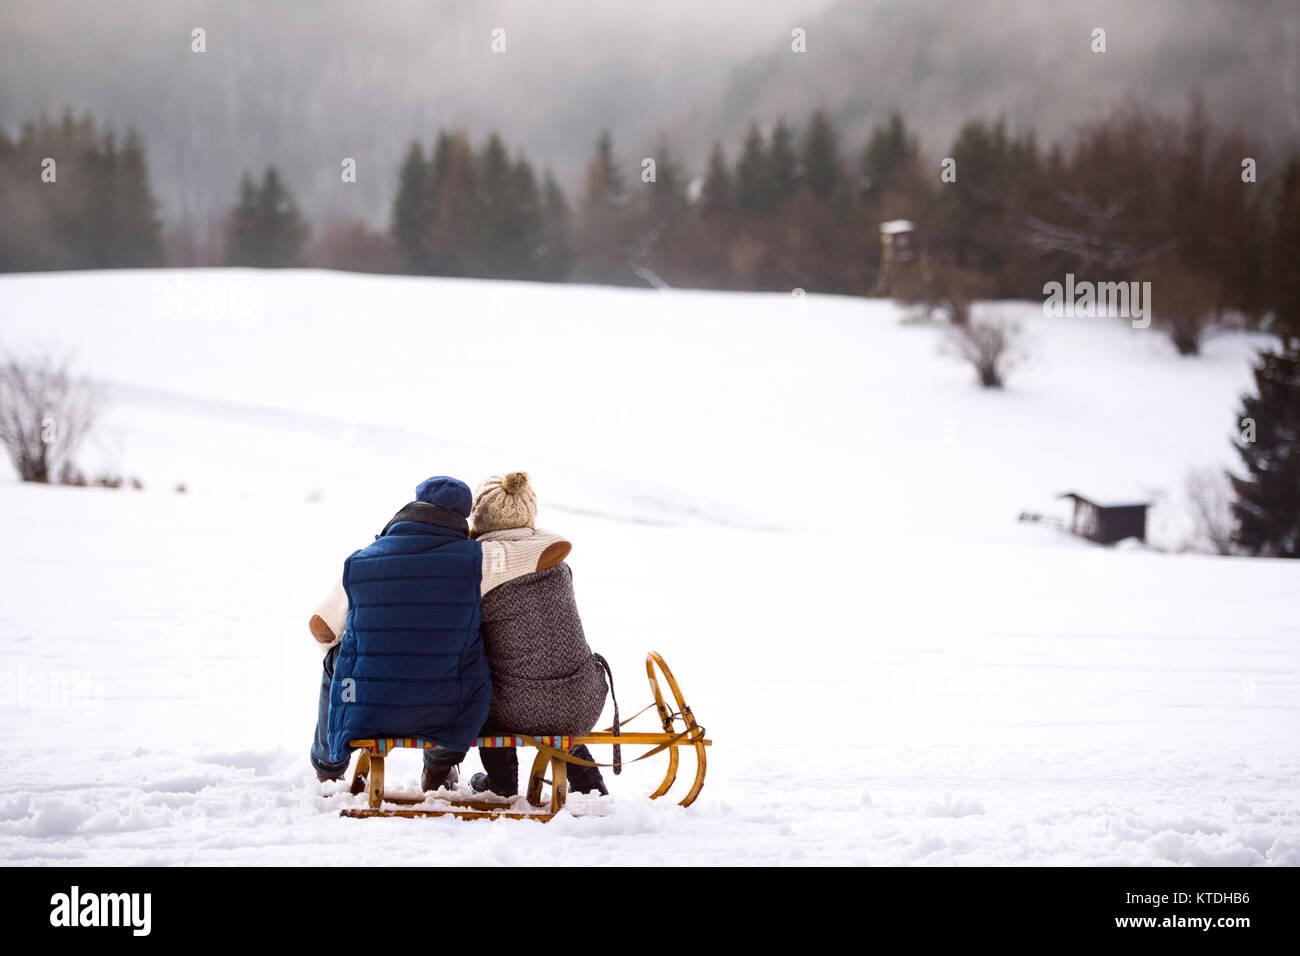 Vue arrière du couple côte à côte sur un traîneau dans un paysage couvert de neige Photo Stock